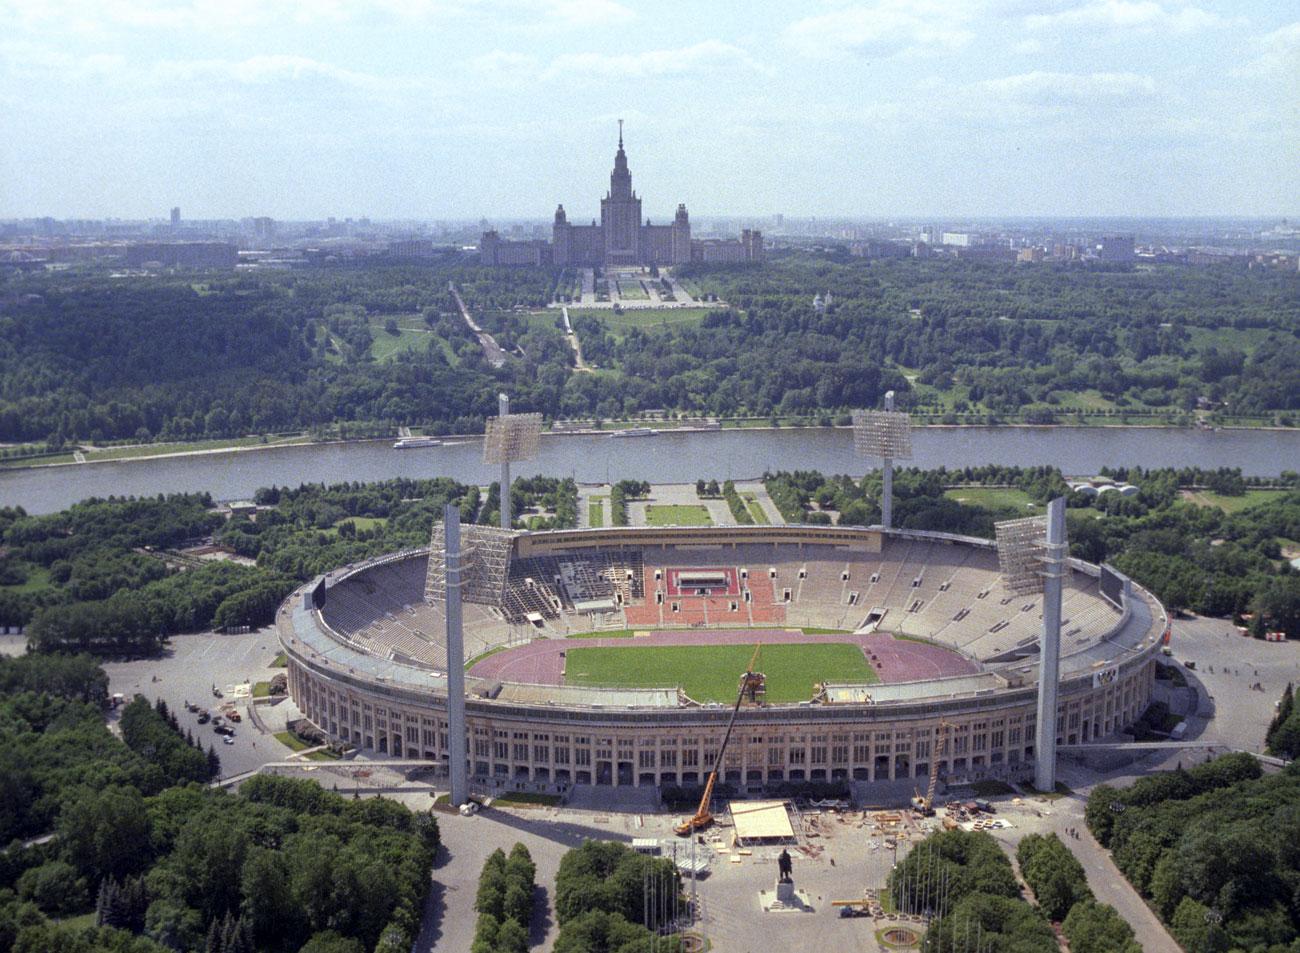 Stadion ini dibangun di daerah yang indah di samping Bukit Lenin (sekarang Bukit Sparrow) dan di seberang gedung utama Universitas Negeri Moskow (MGU).